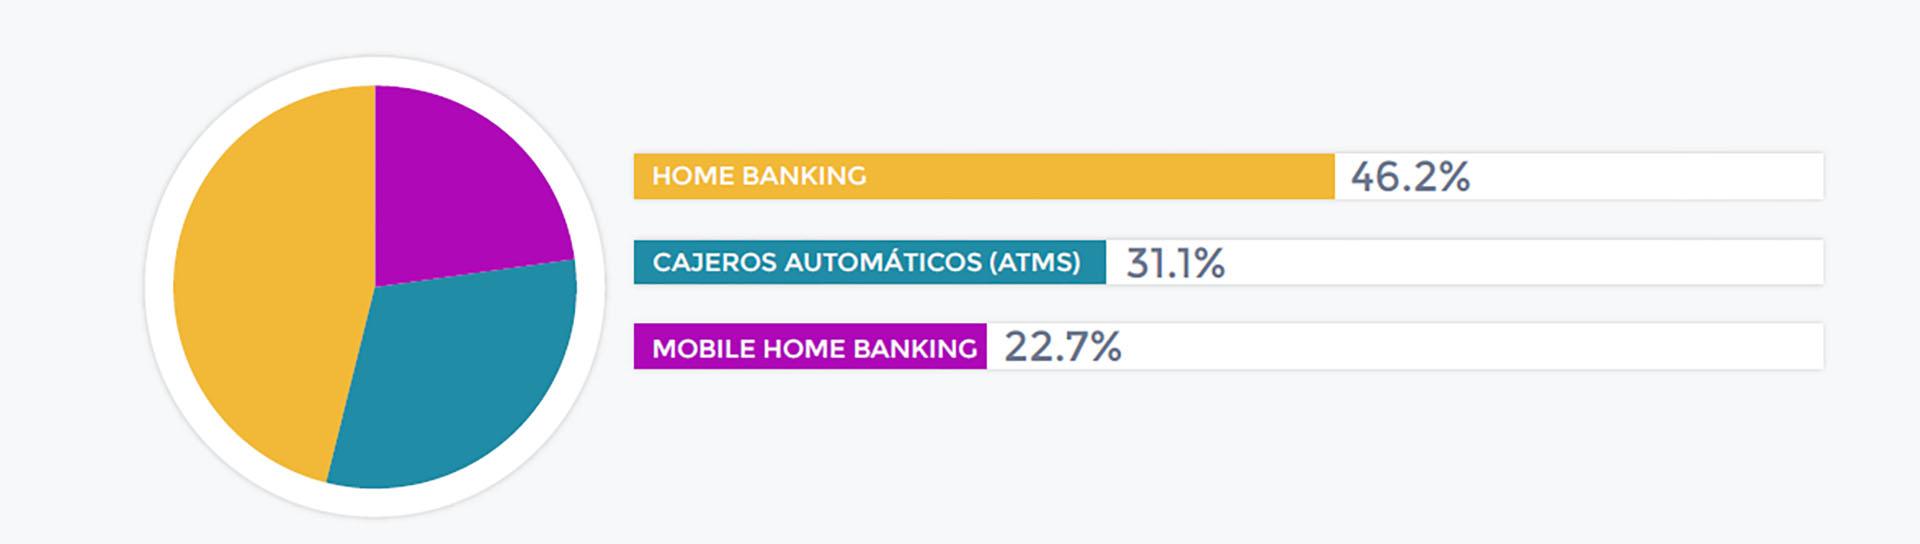 Los cajeros automáticos todavía representan una porción importante de la cantidad de transacciones realizadas, de acuerdo al relevamiento de Red Link